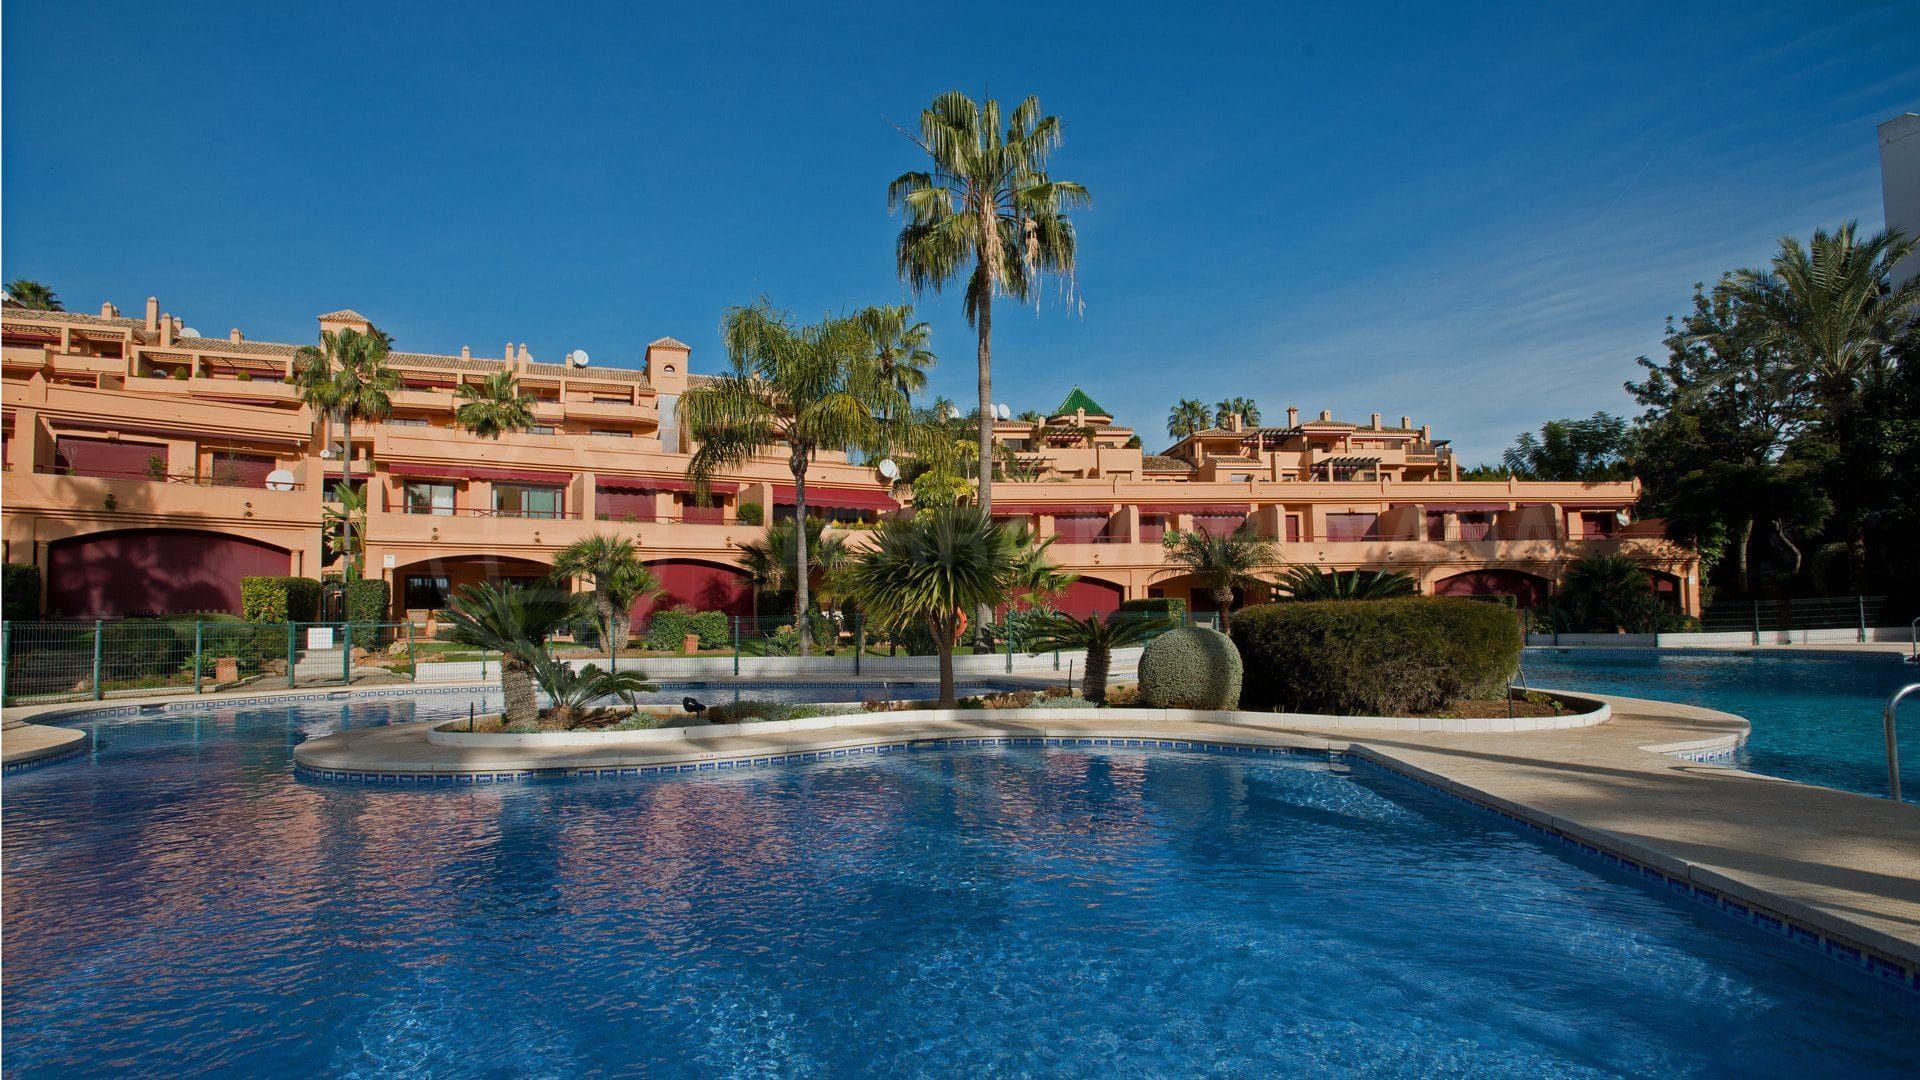 Exclusive development of Riviera Andaluza in Estepona